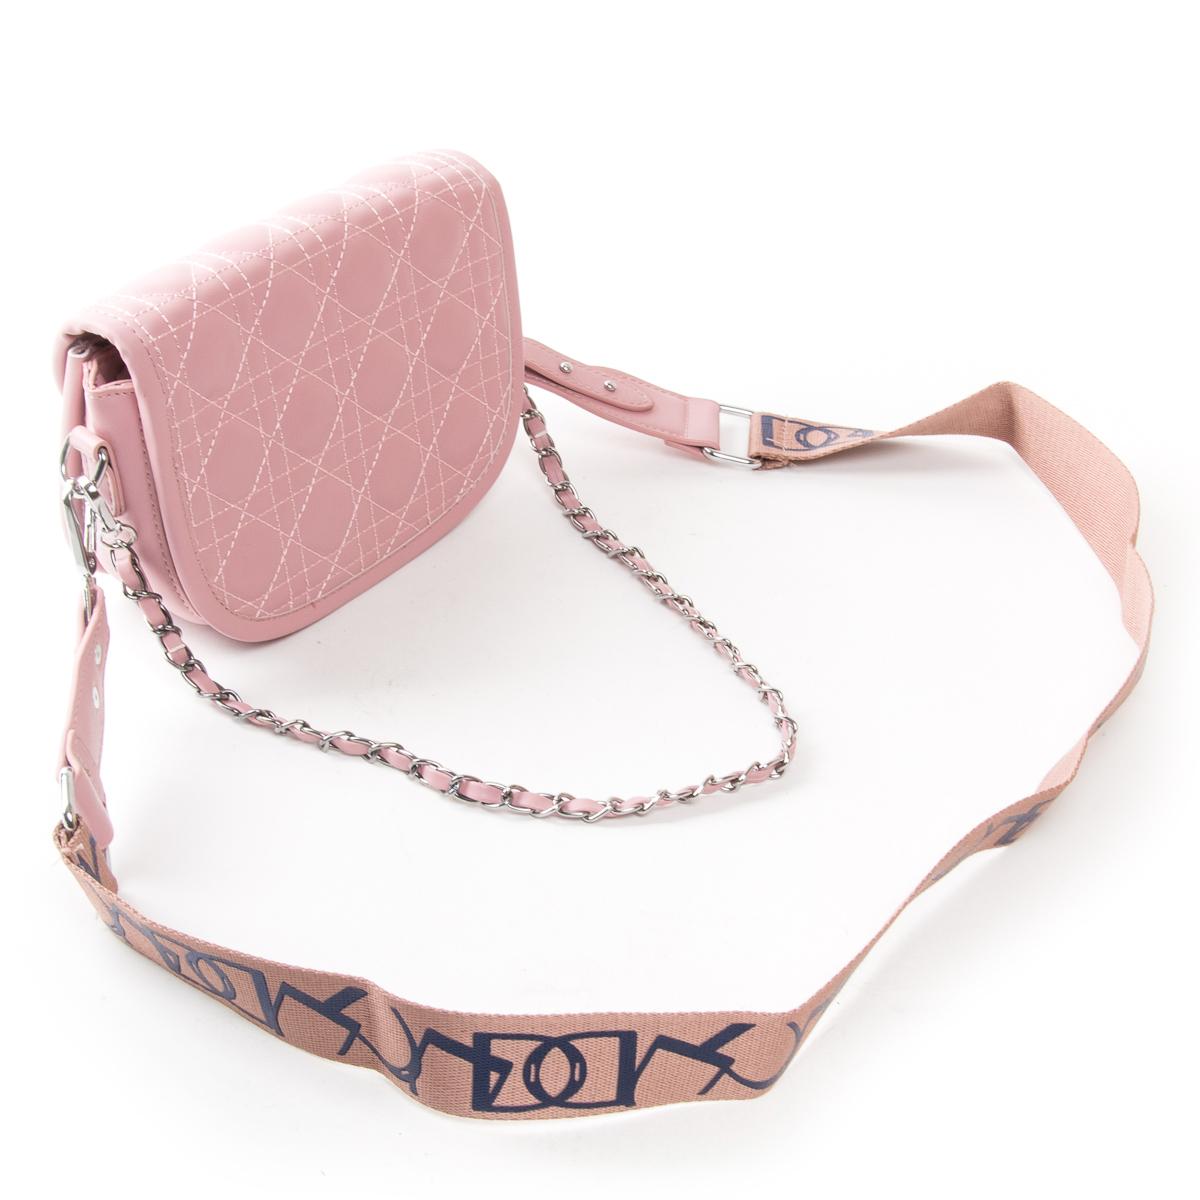 Сумка Женская Классическая иск-кожа FASHION 01-04 7117 pink - фото 4